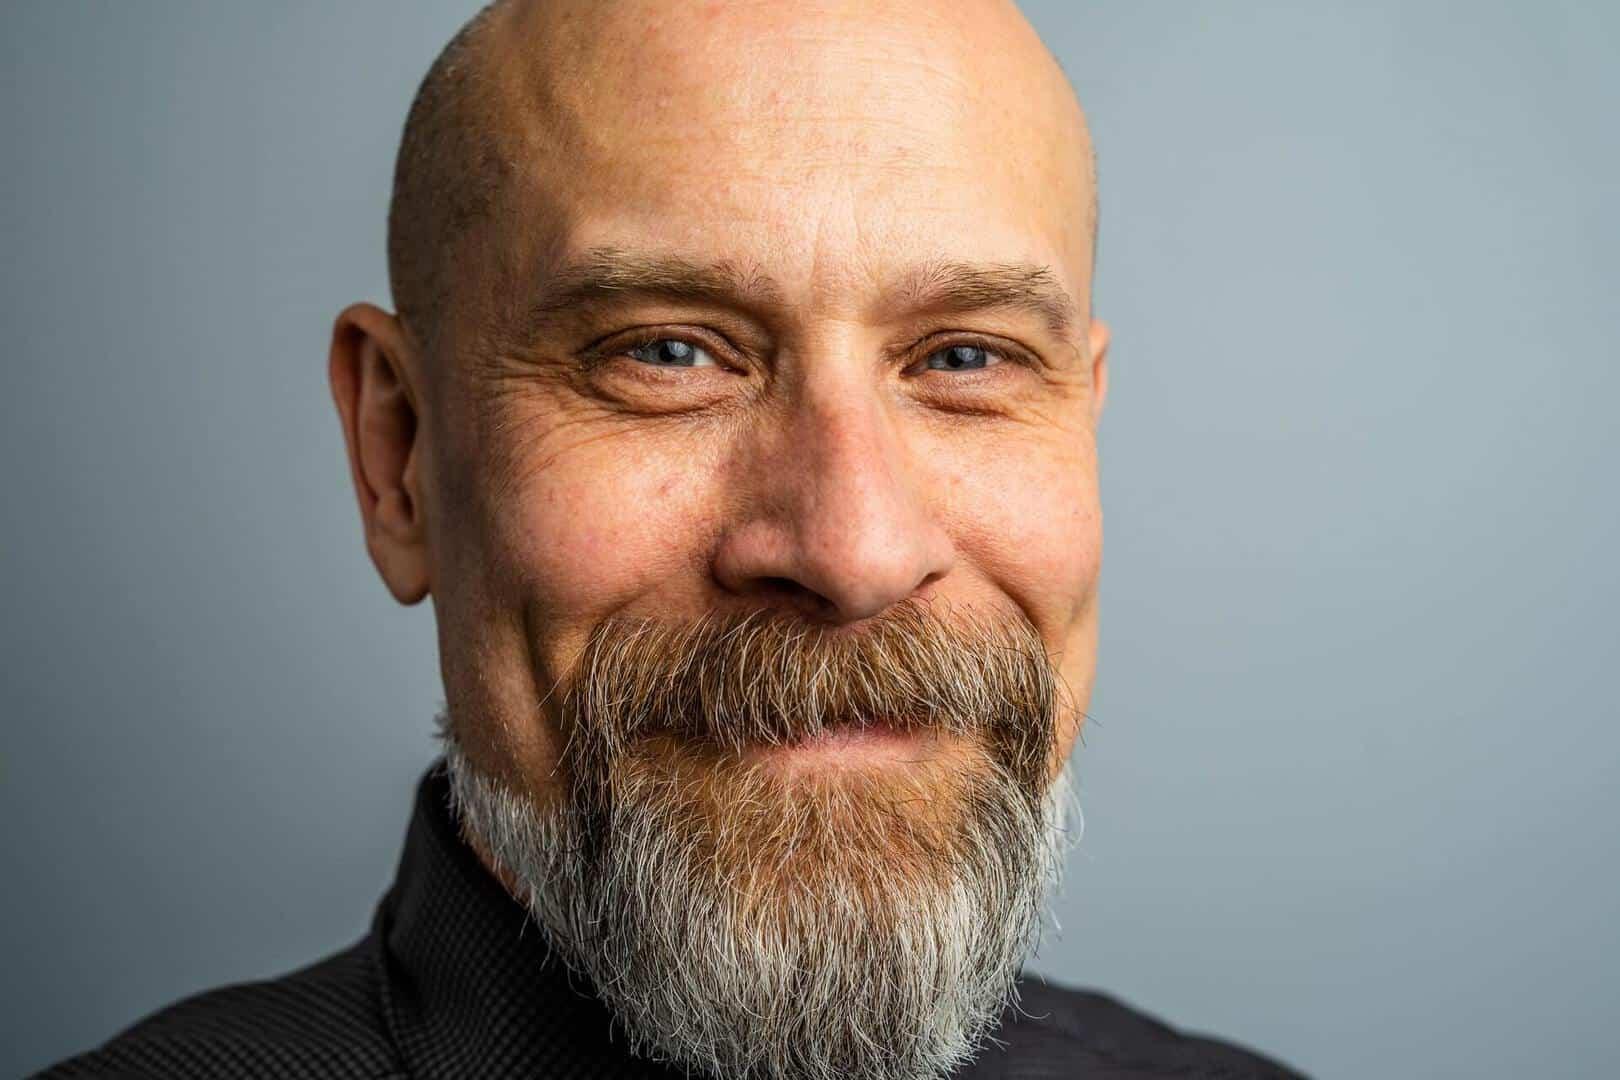 Man with beard and bald head